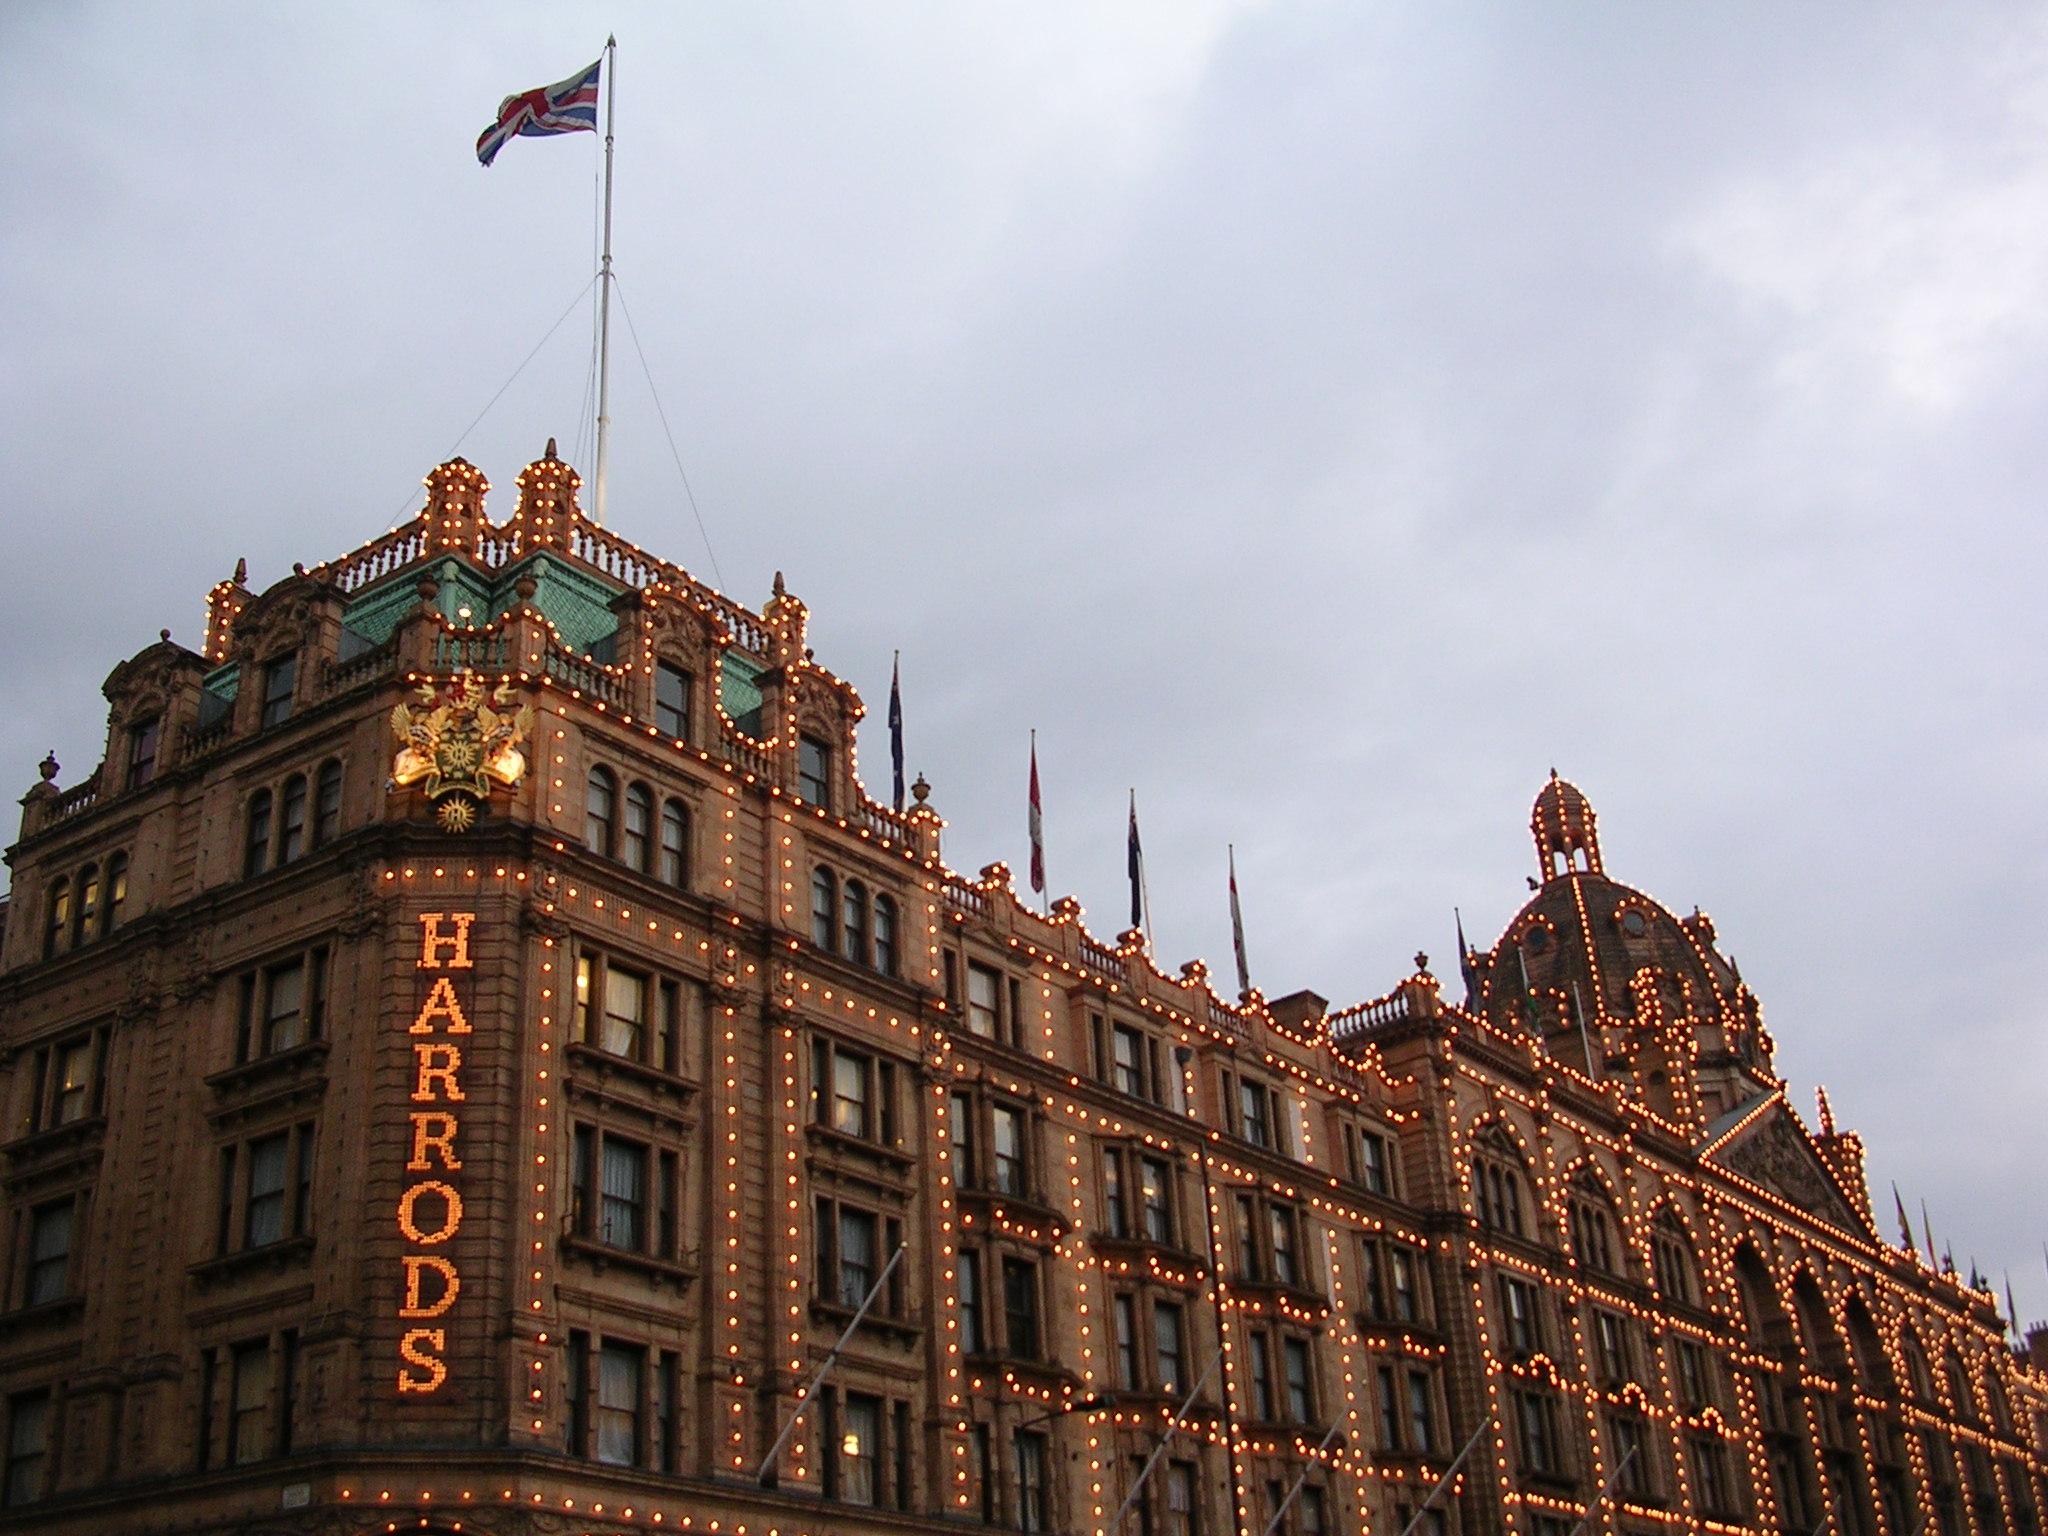 PASIONCOM - Londres Putas londres Anuncios de